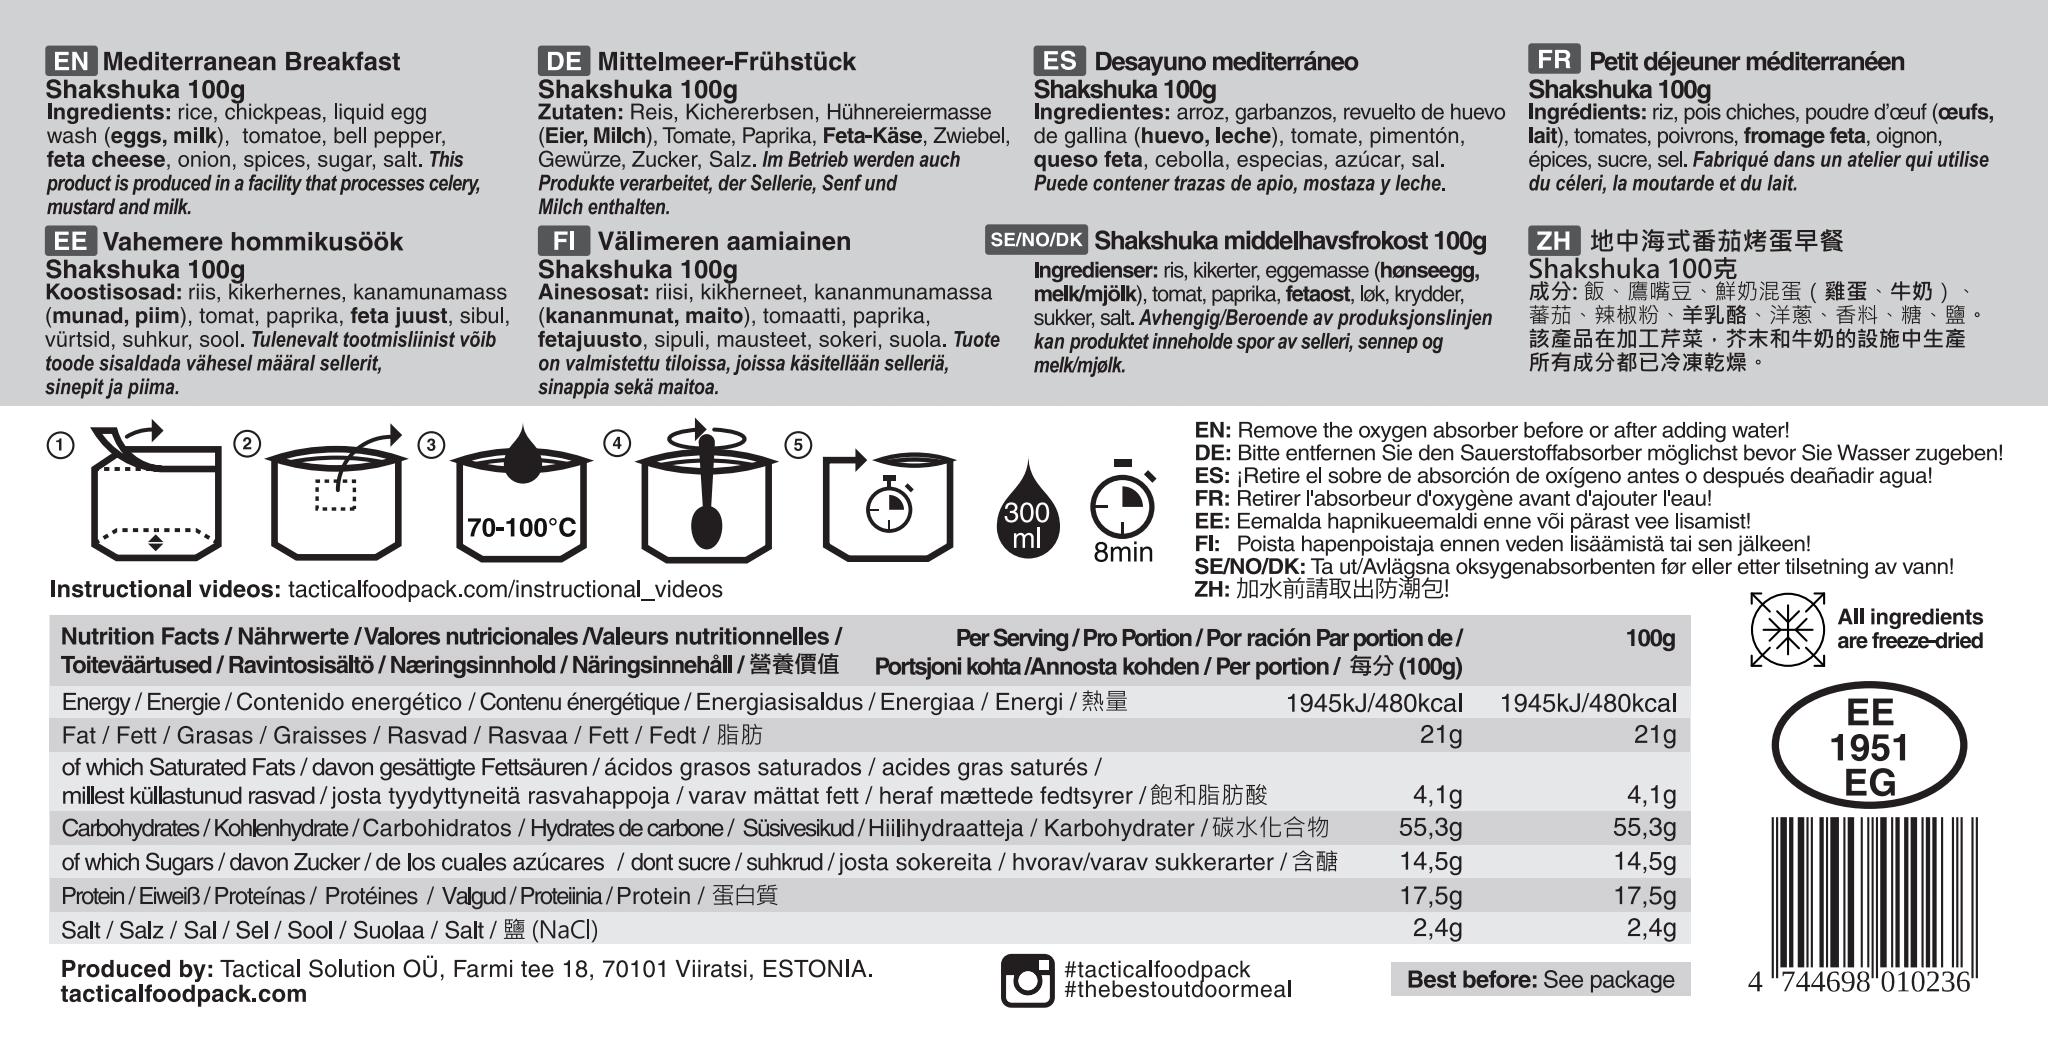 Dehidrirana hrana, Tactical Foodpack, Mediterrenean Breakfast Shakshuka, B33 army shop, trgovina z vojaško opremo, vojaška trgovina